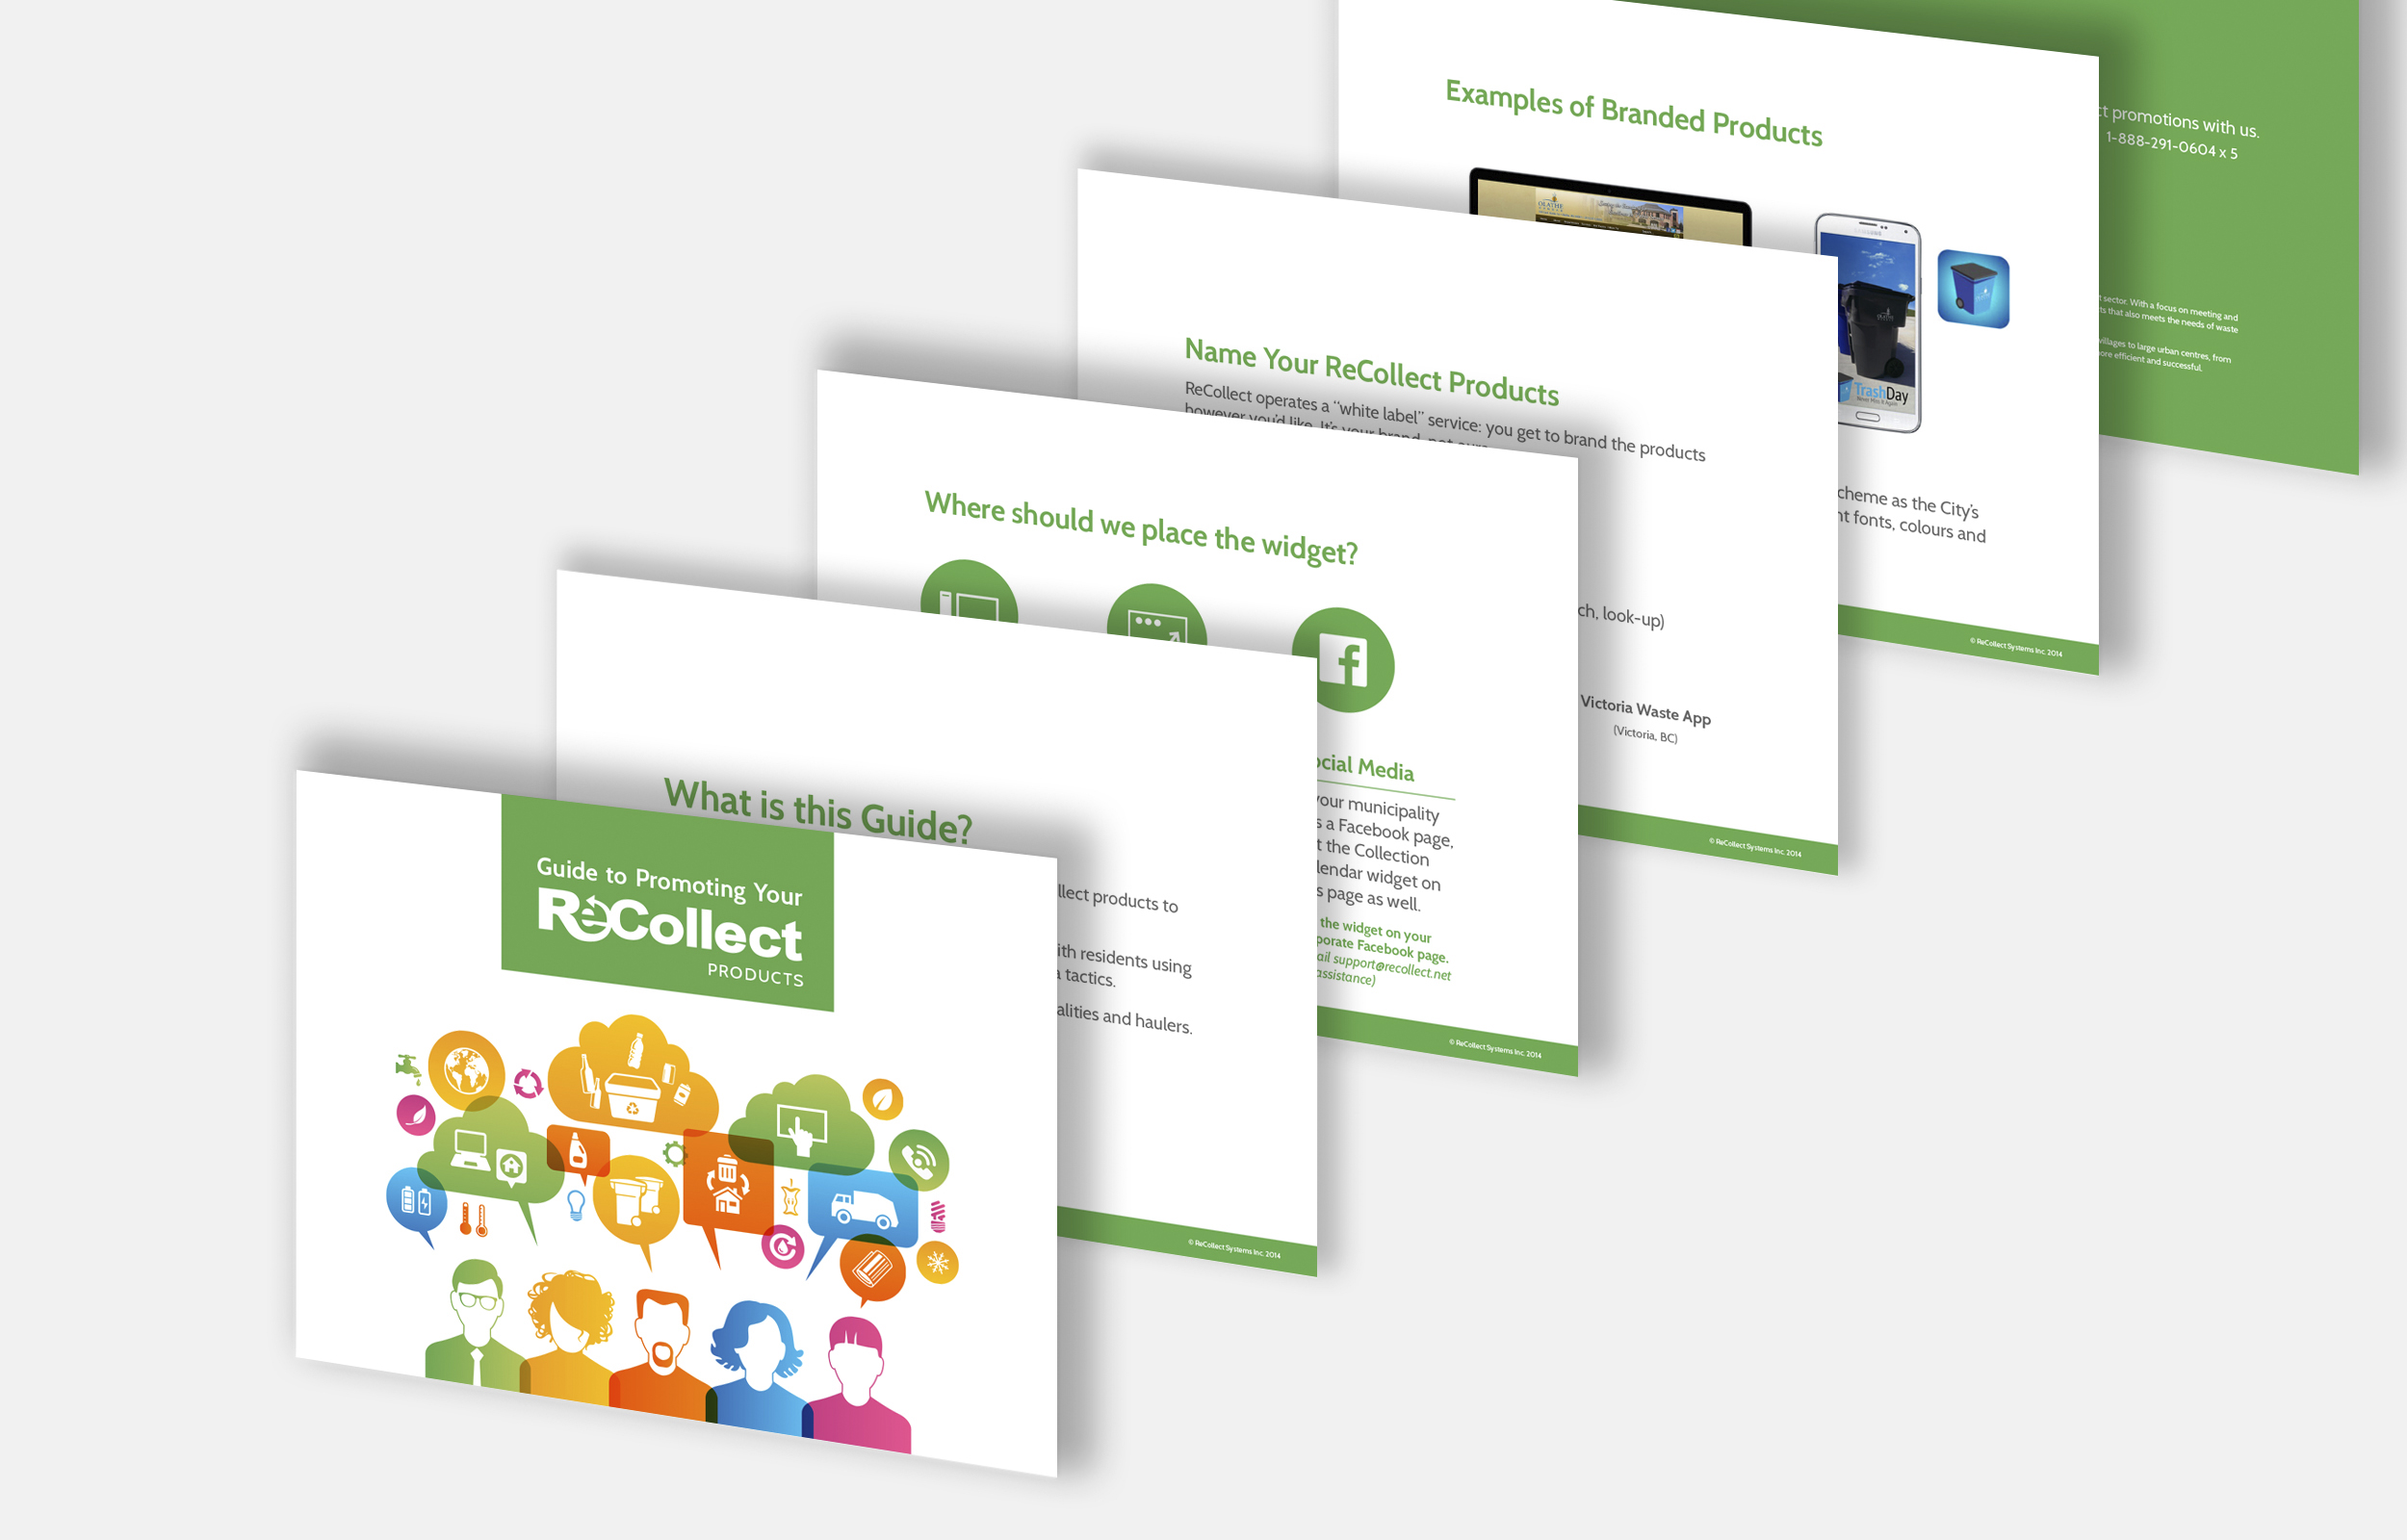 ReCollect edocument design